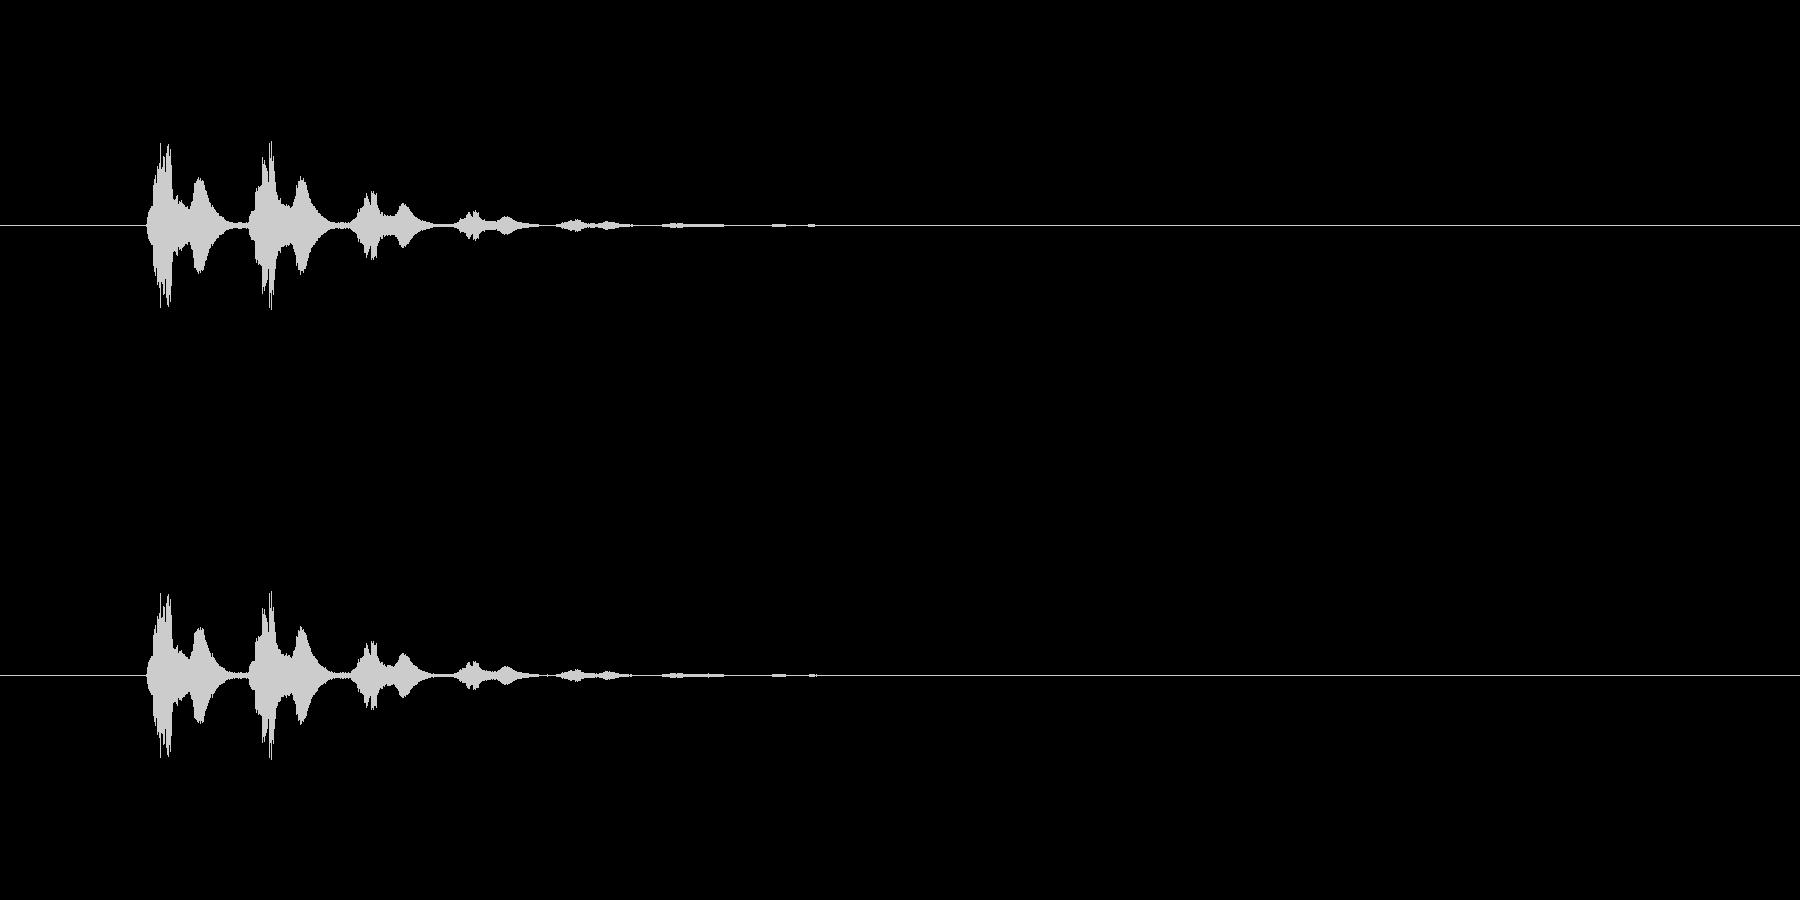 【びっくり06-1】の未再生の波形